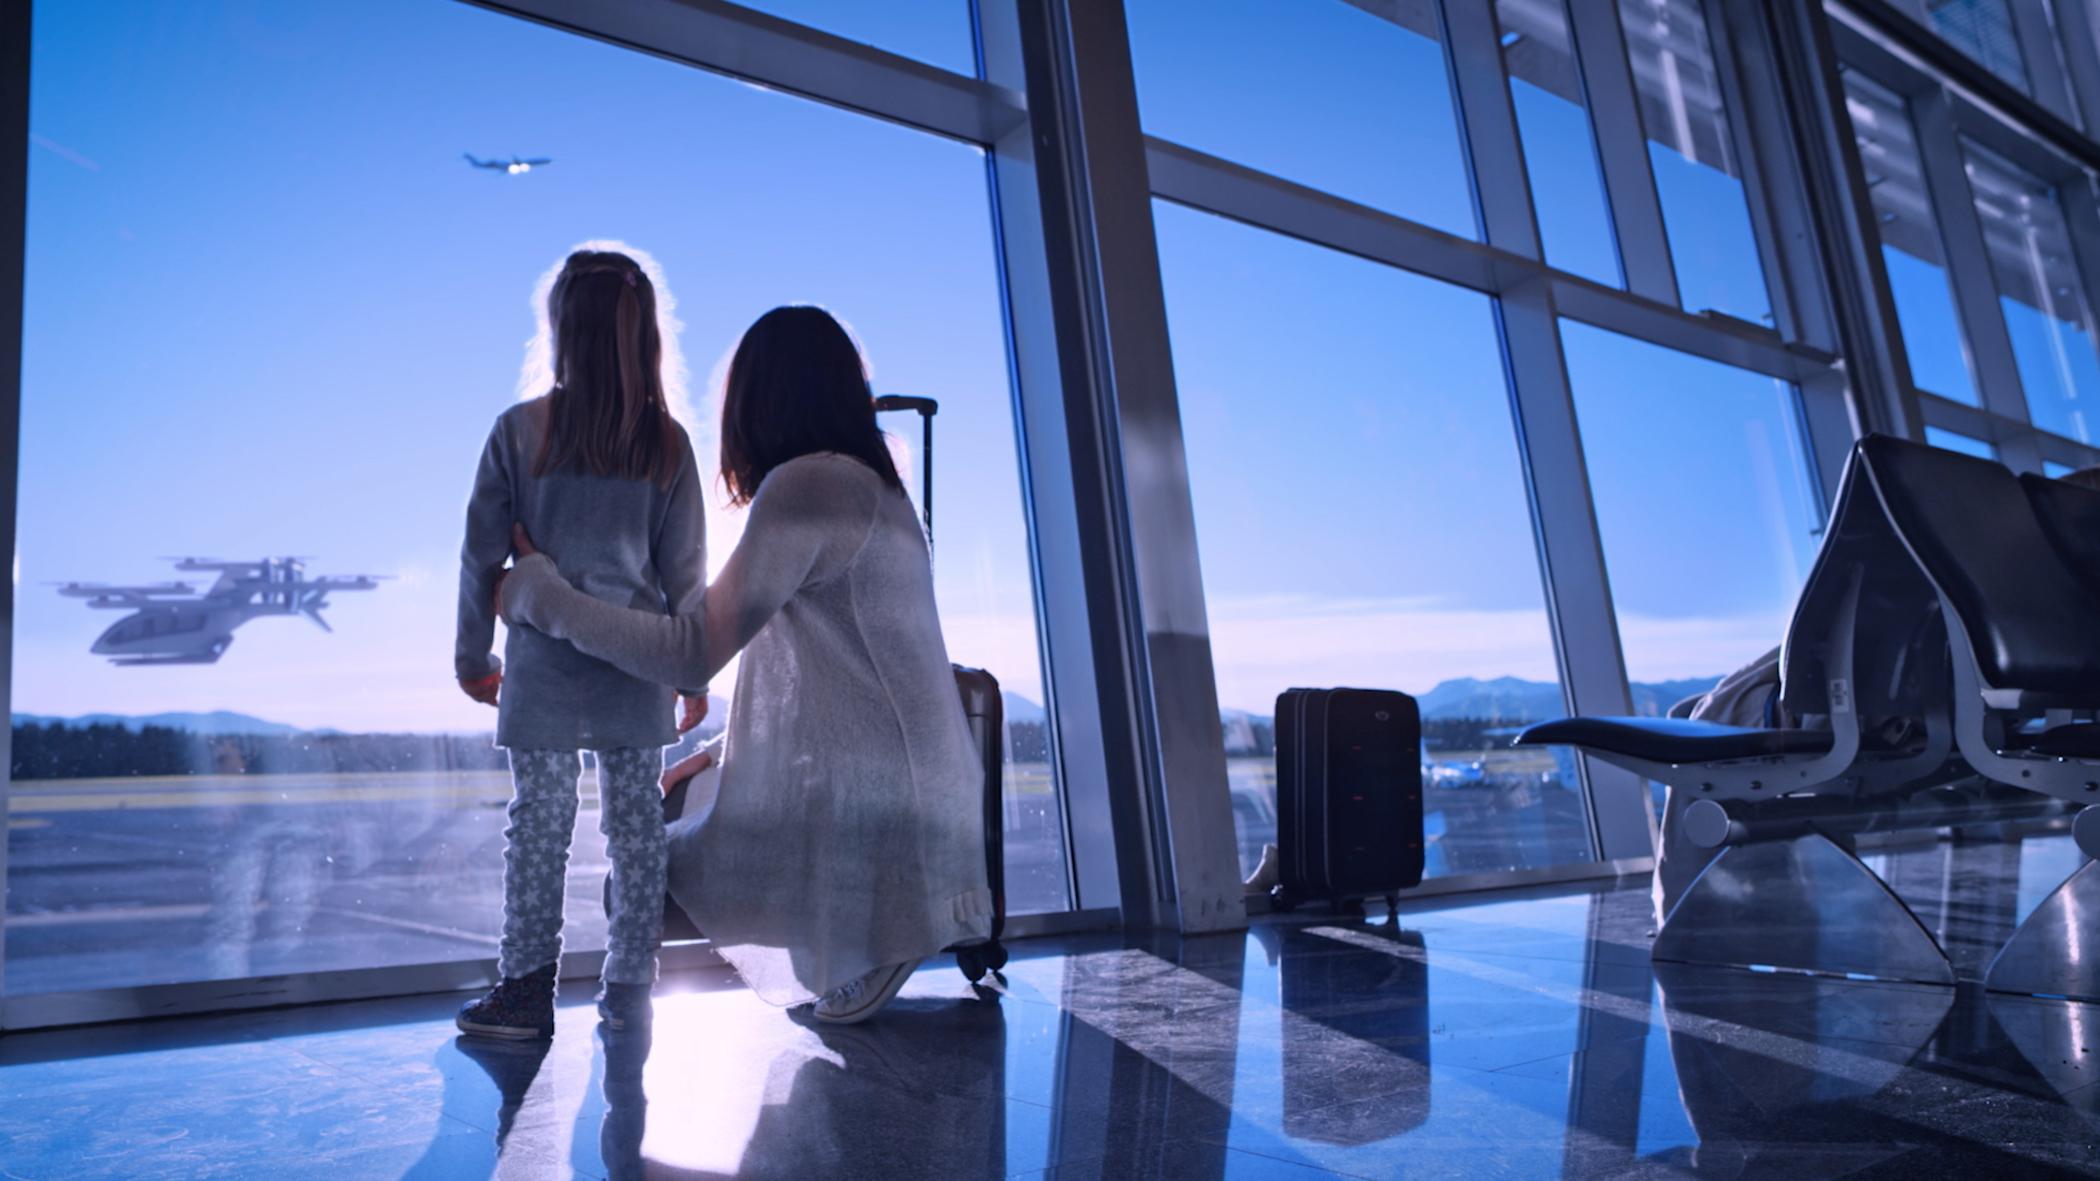 barn och förälder på flygplats